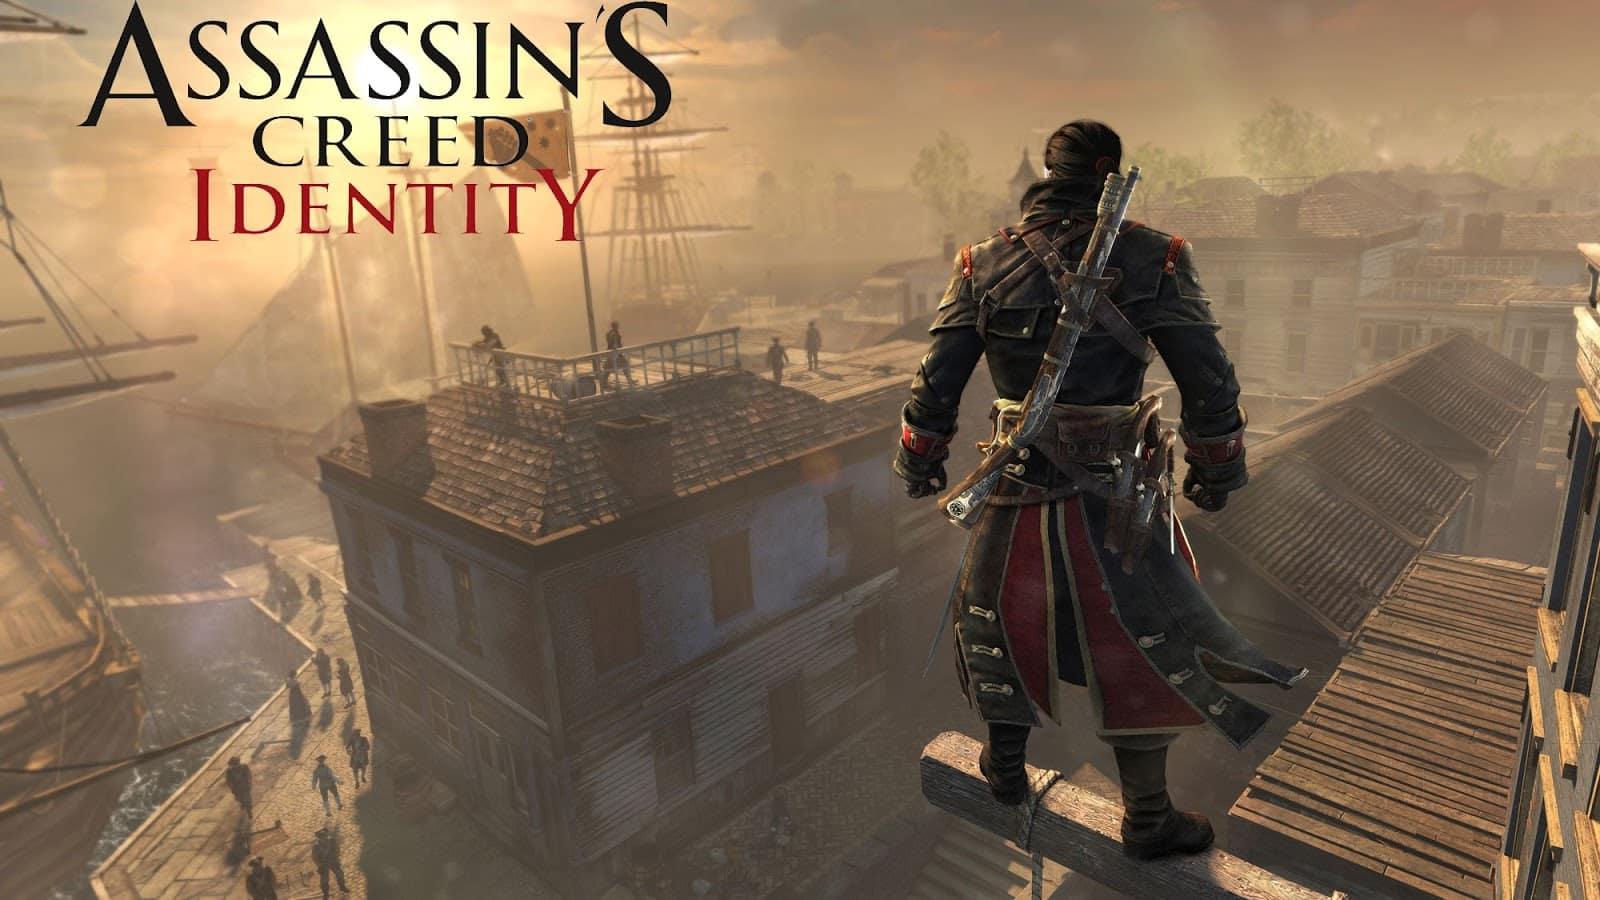 تحميل لعبة Assassin's Creed Identity للايفون